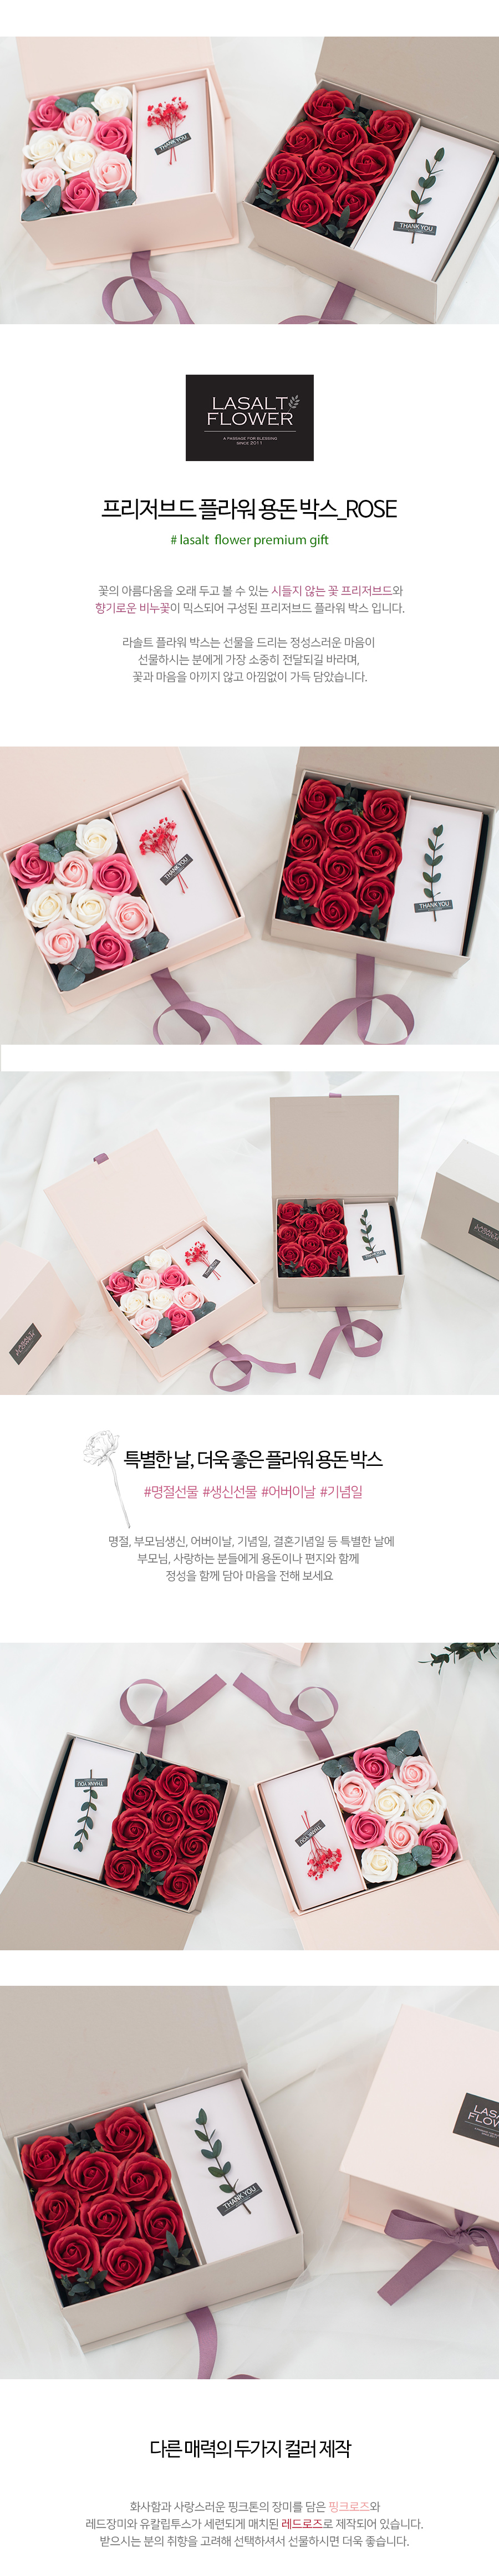 클래식로즈 플라워용돈박스M 핑크로즈 - 라솔트플라워, 35,000원, 조화, 프리저브드